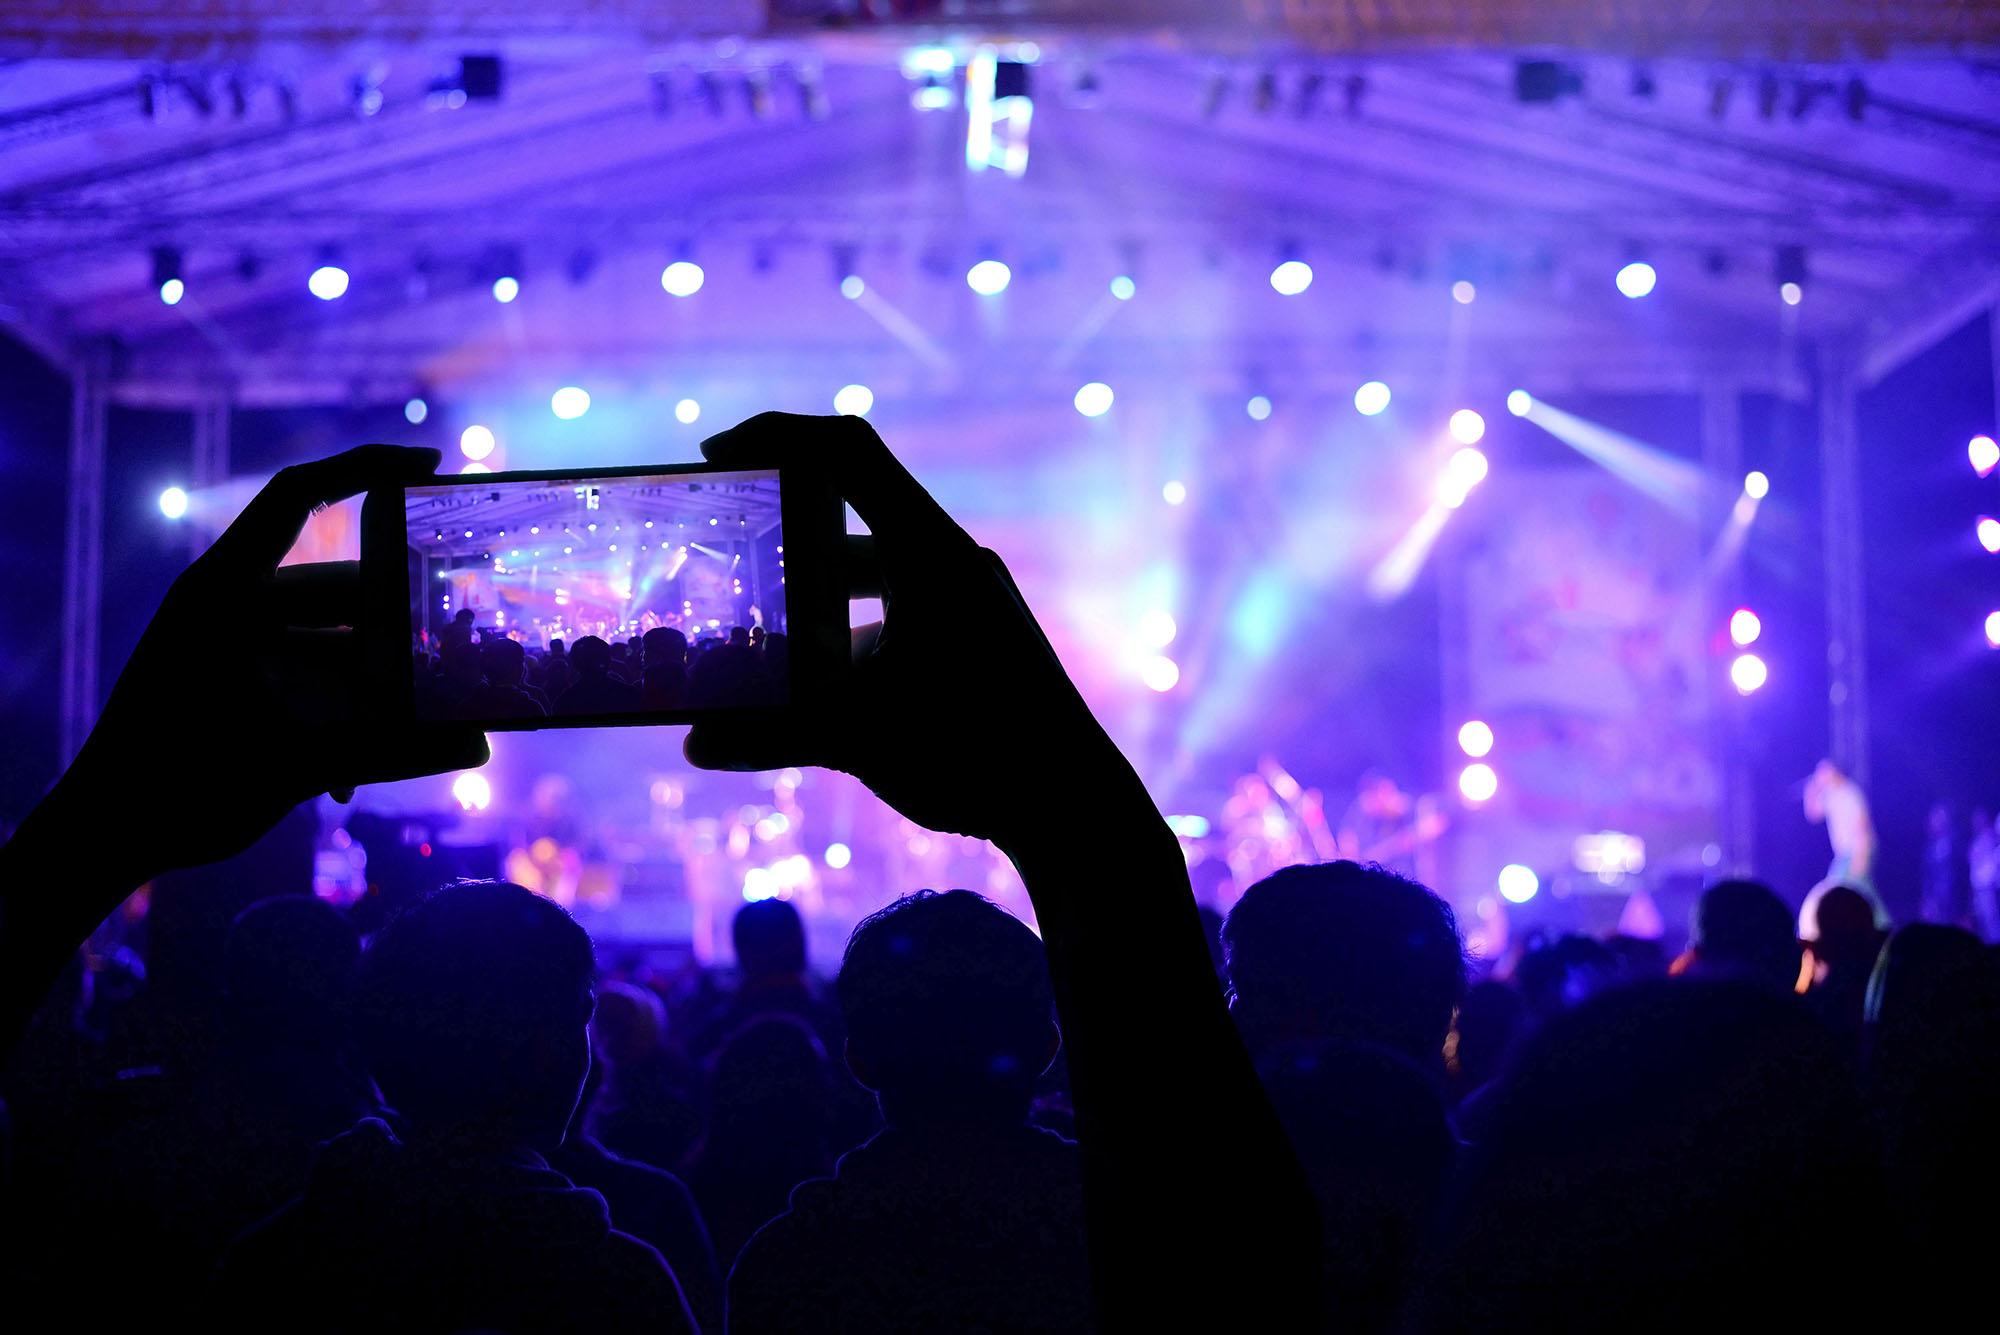 YouTube : achetez directement votre billet de concert en regardant un clip